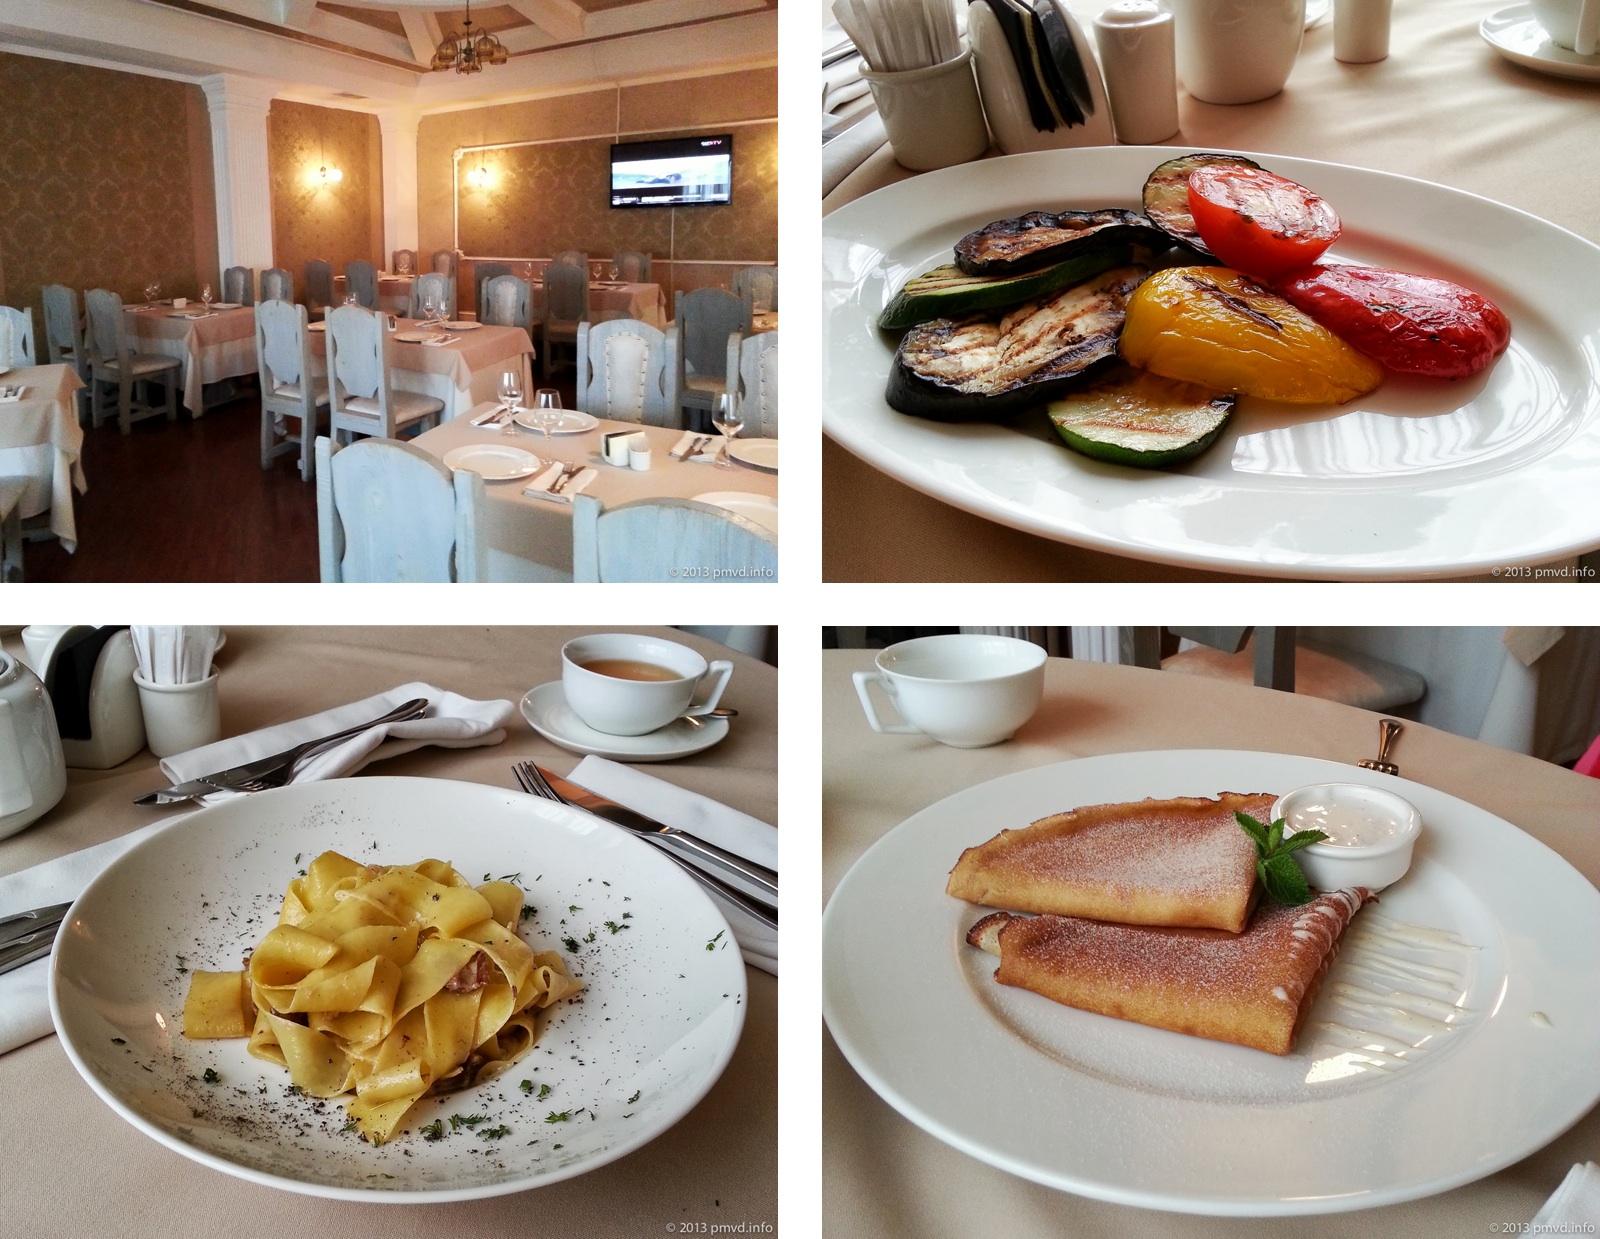 Интерьер и блюда в ресторане Сопрано. Твин Кидс. Трехгорка. Одинцово.